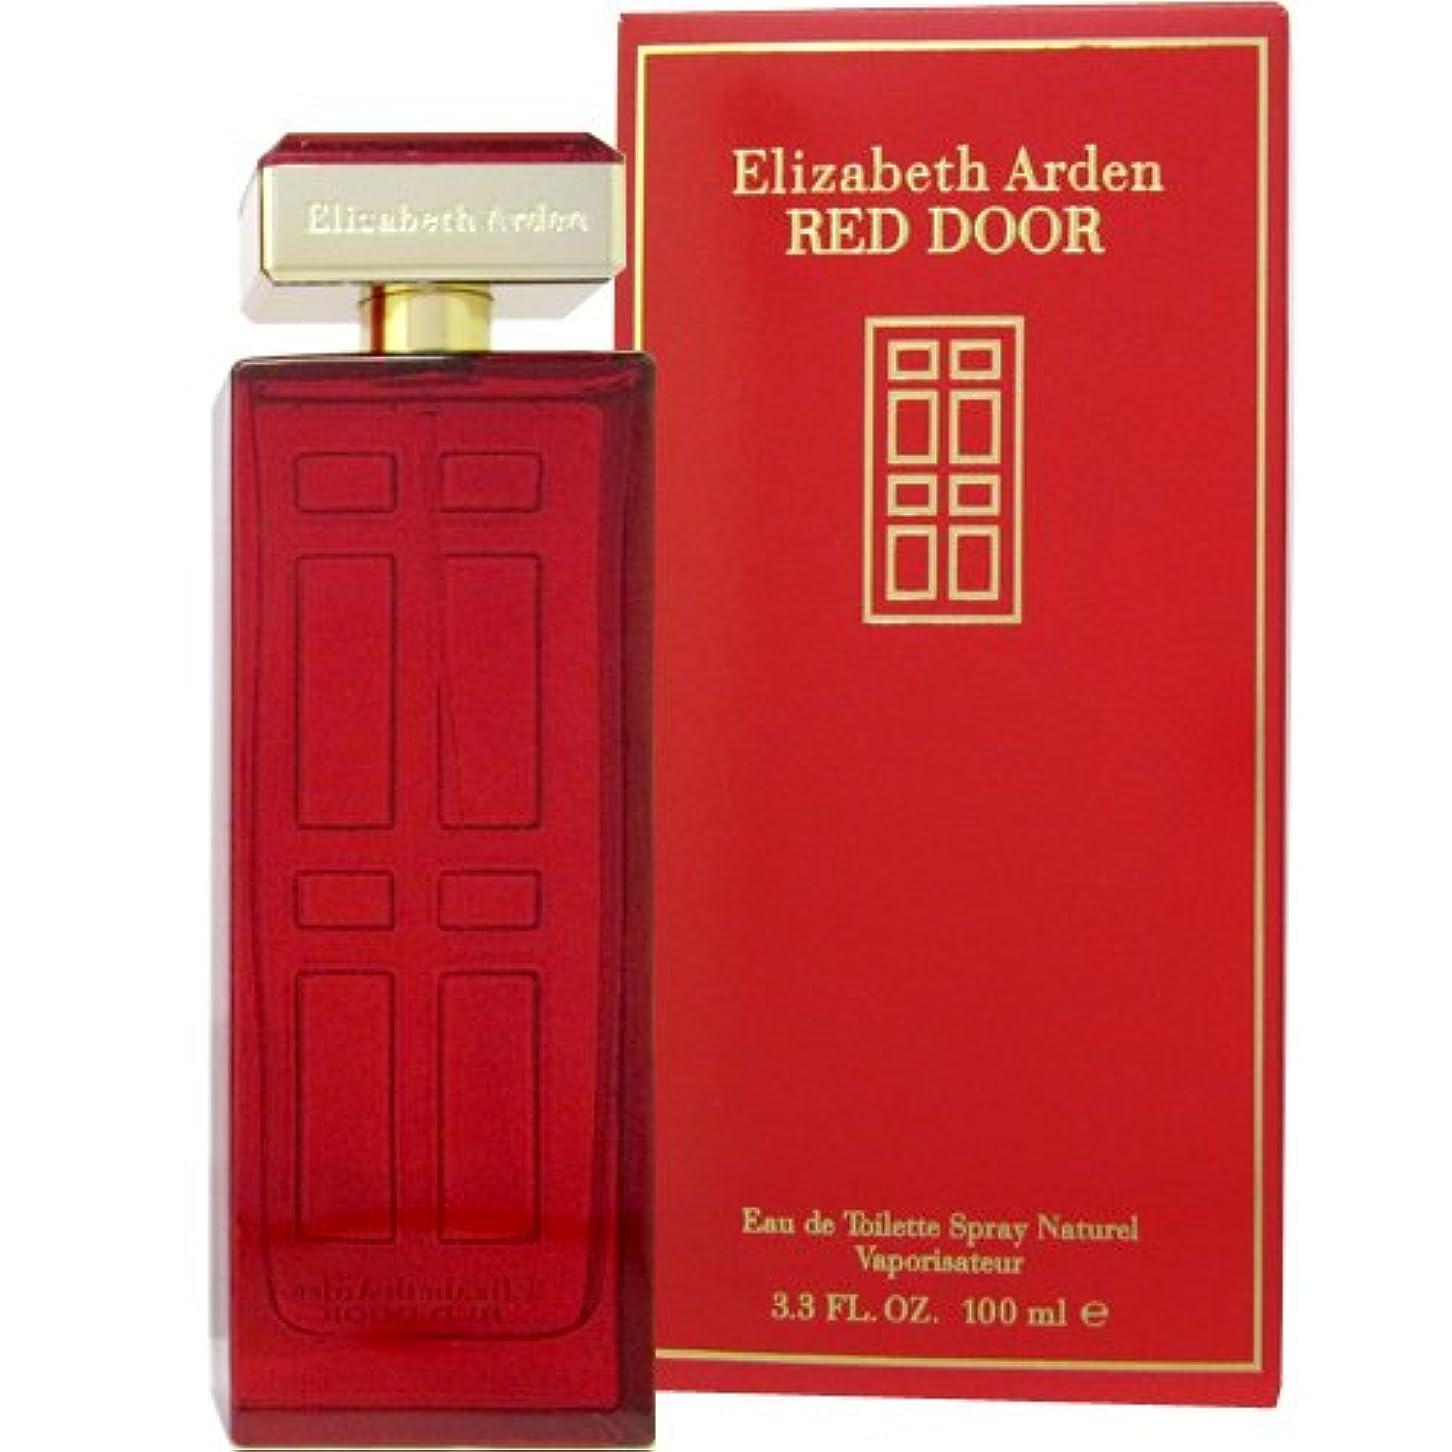 広大なドライ電気的エリザベス アーデン ELIZABETH ARDEN レッドドア 100ml EDT SP fs 【並行輸入品】